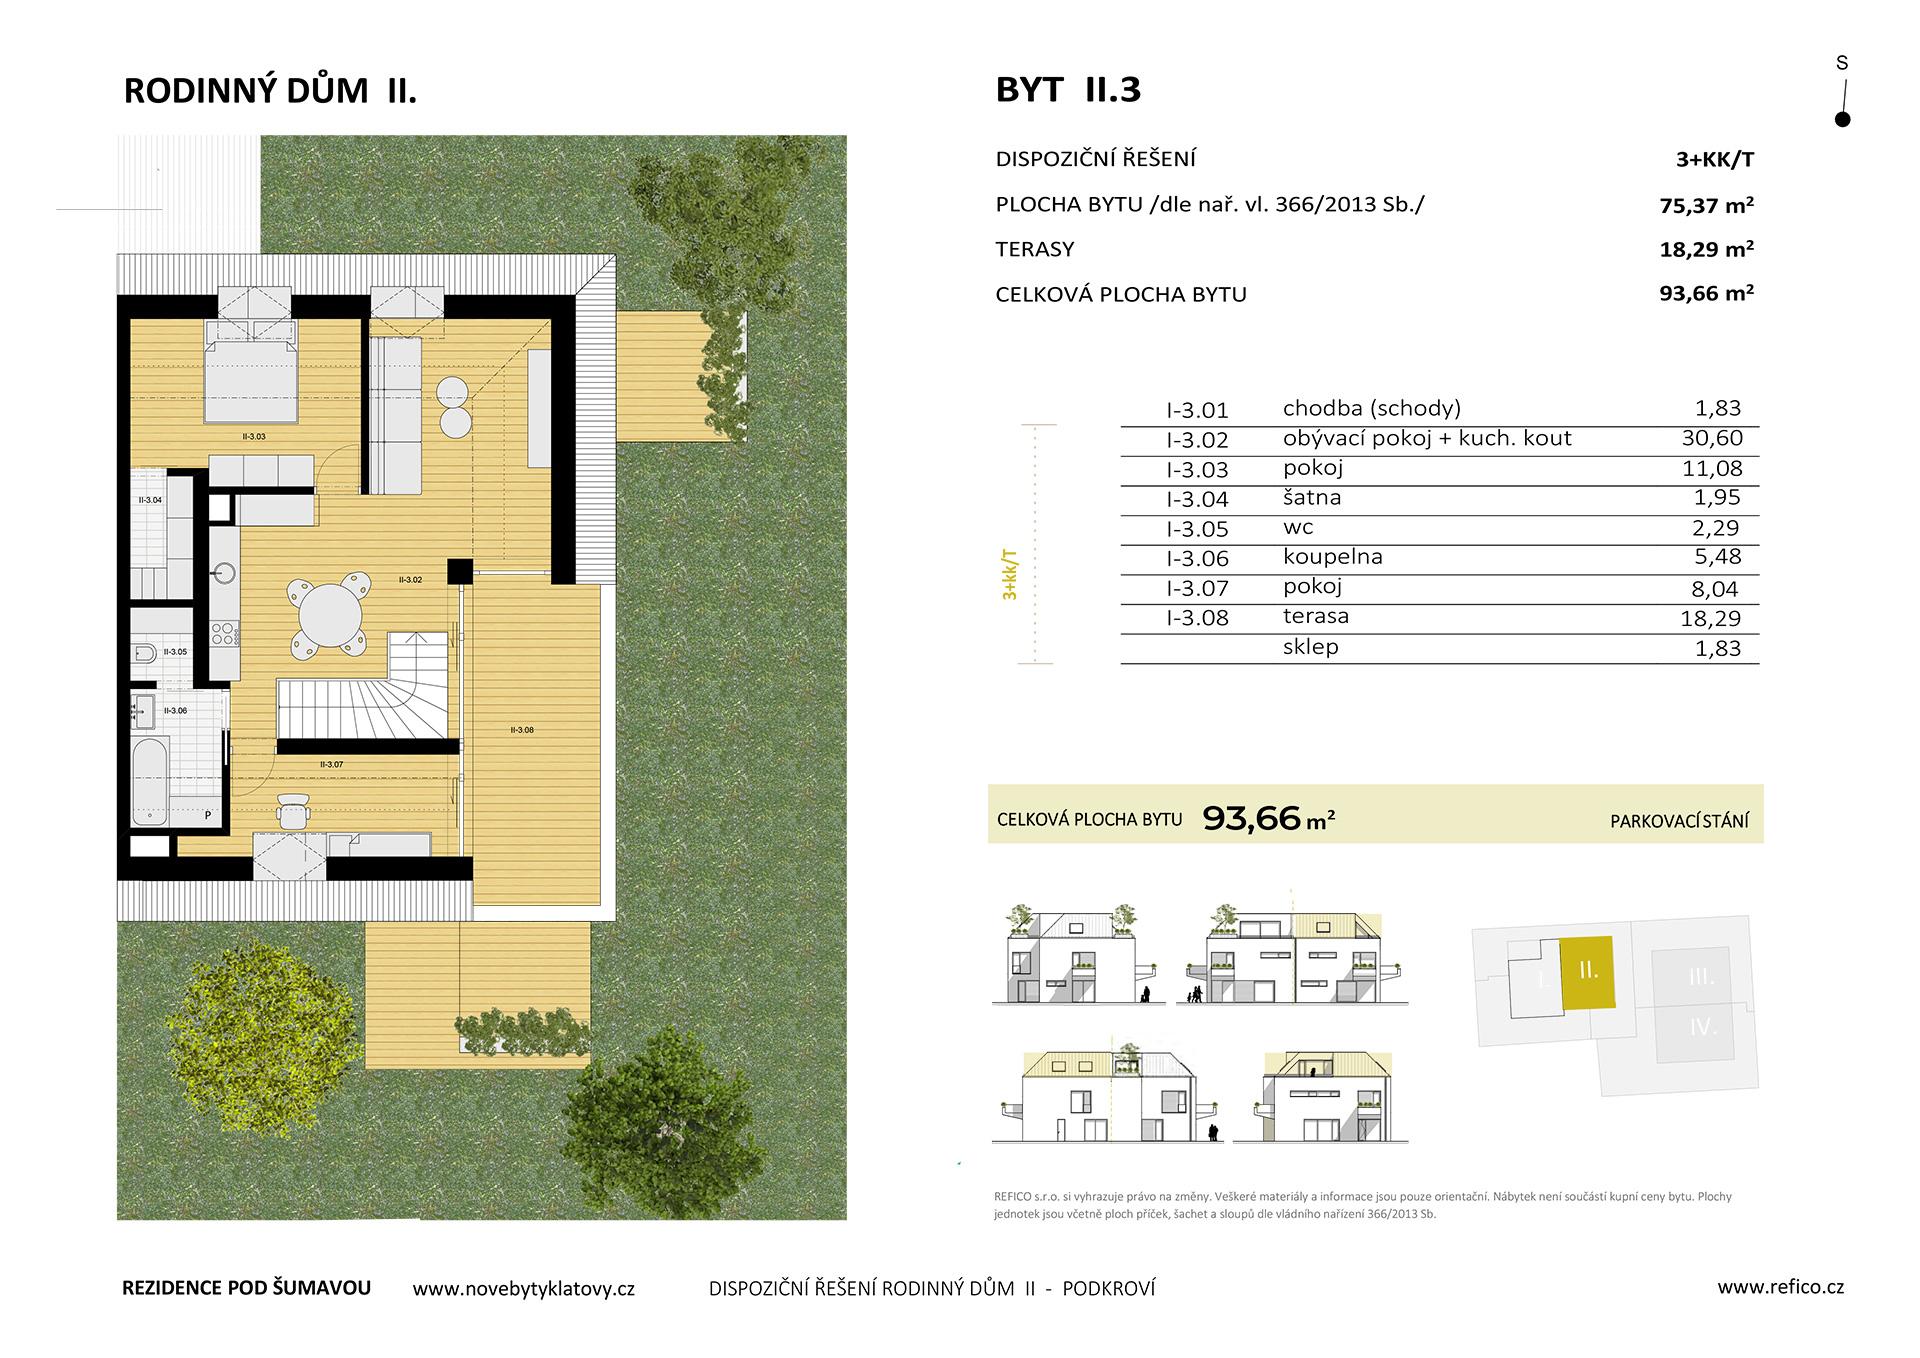 Dům II., byt 3, podkroví, 3+KK/T